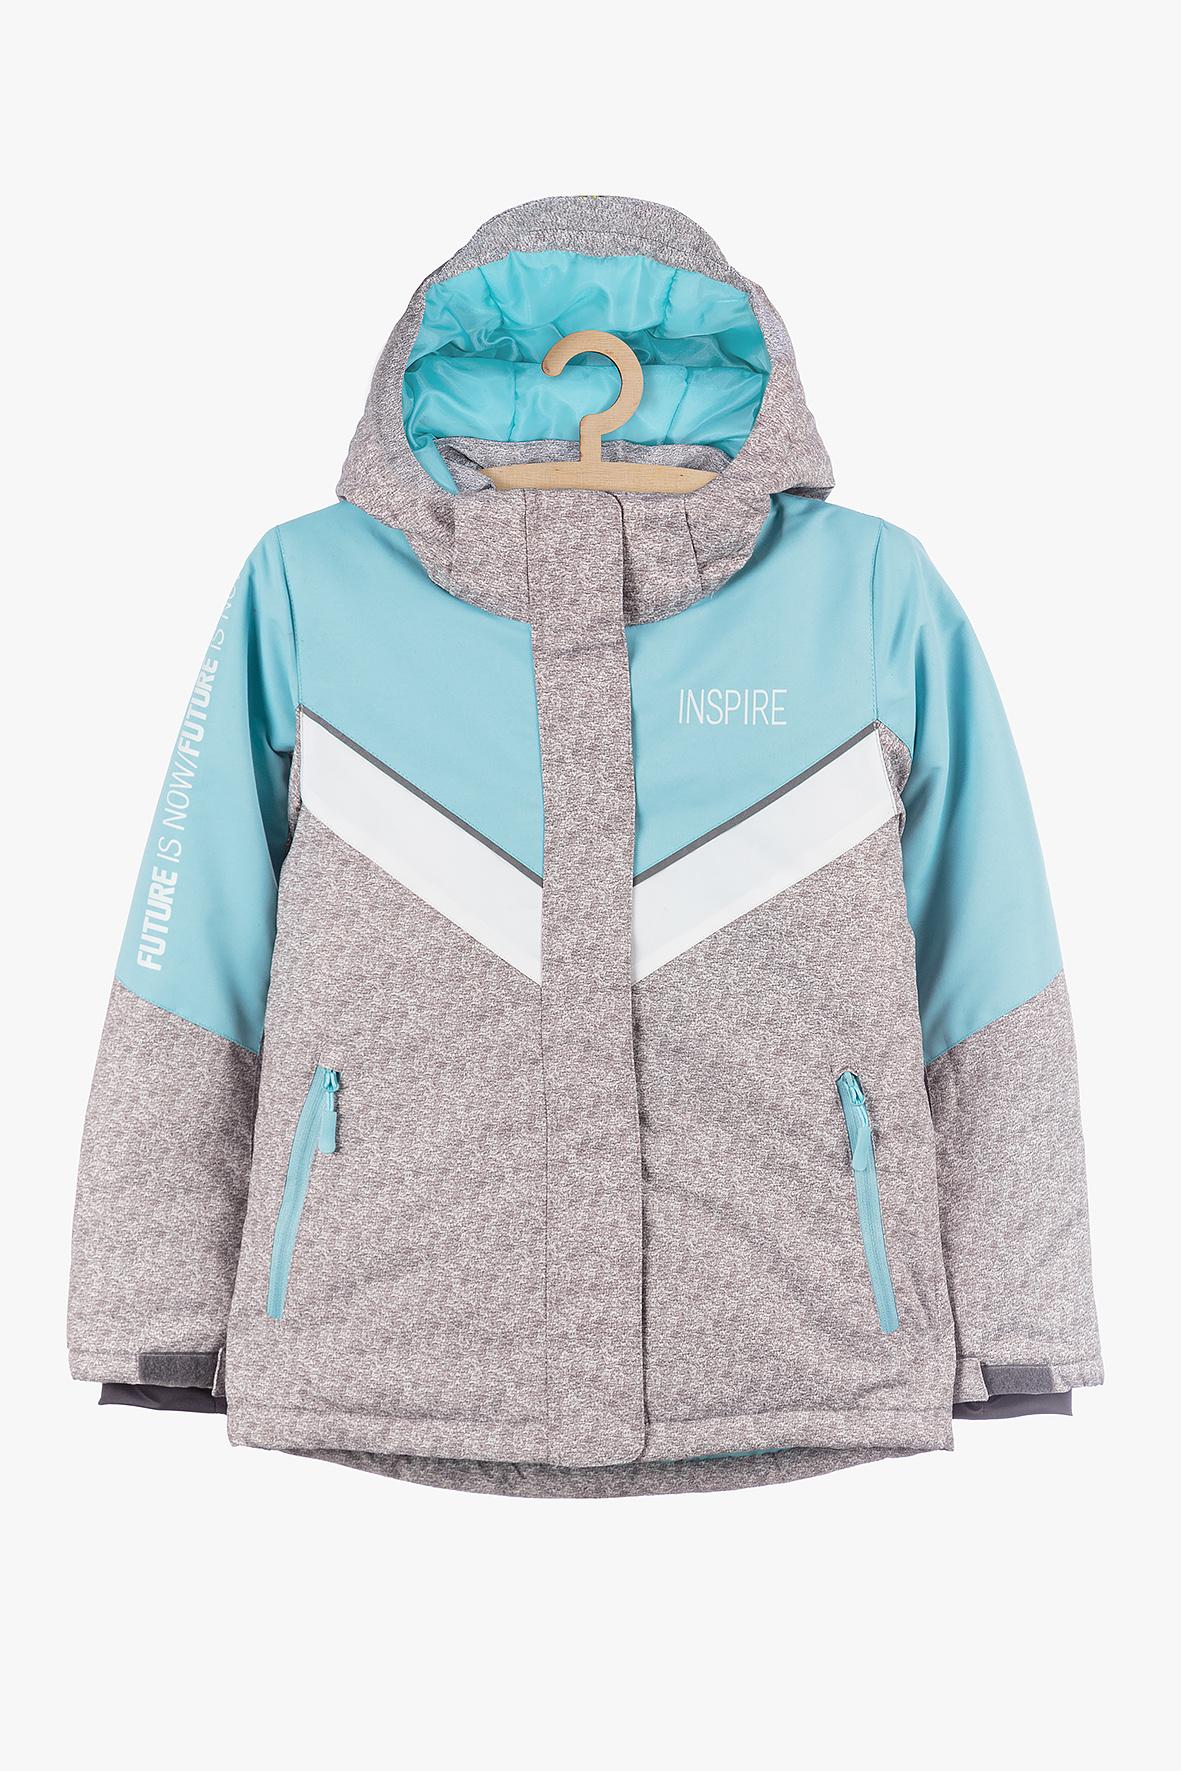 Kurtka narciarska dla dziewczynki 4A3906